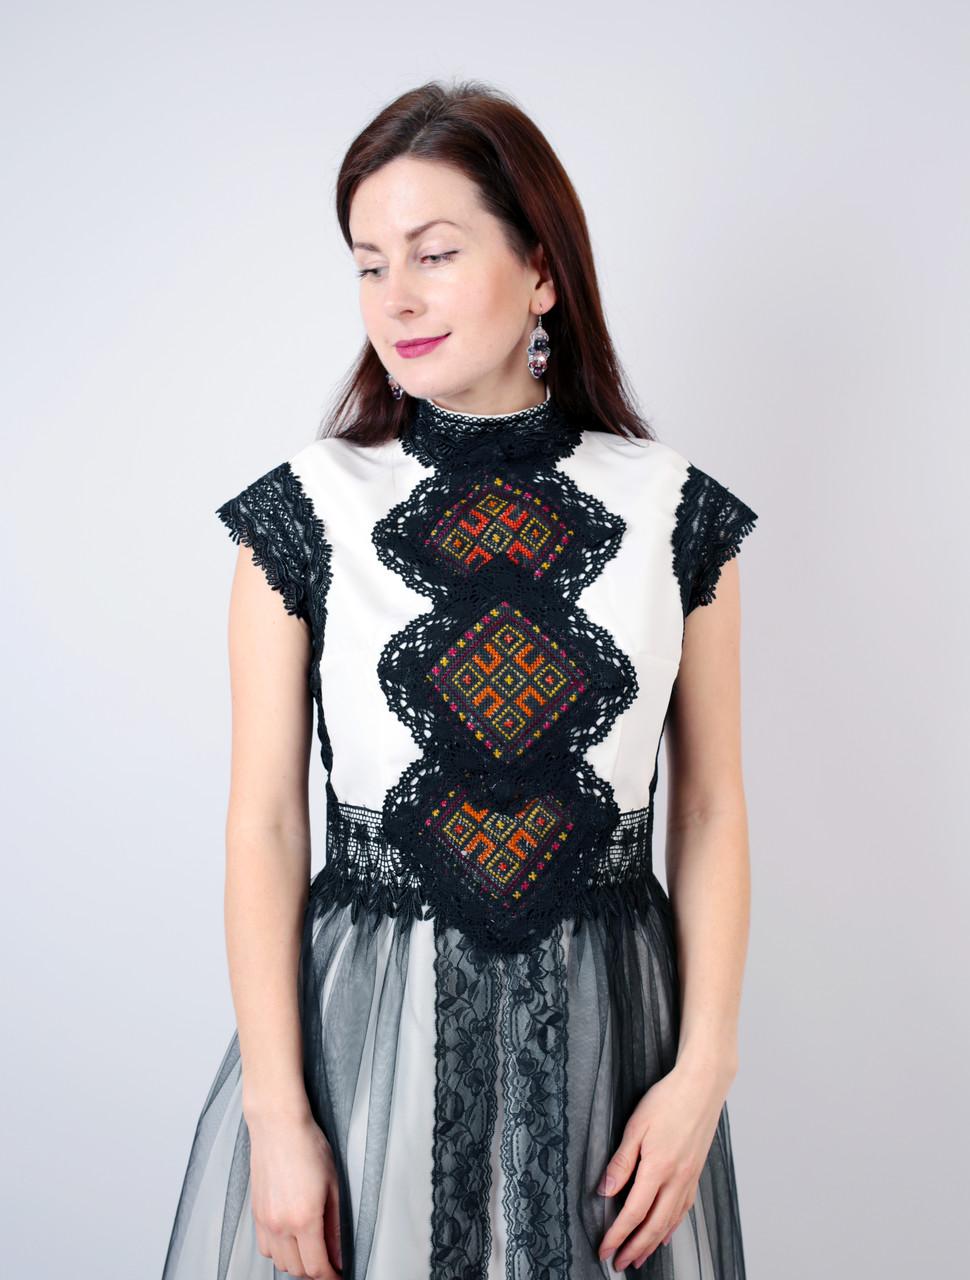 Коротка дизайнерська вишита сукня ручної роботи  продажа 346723b32902a